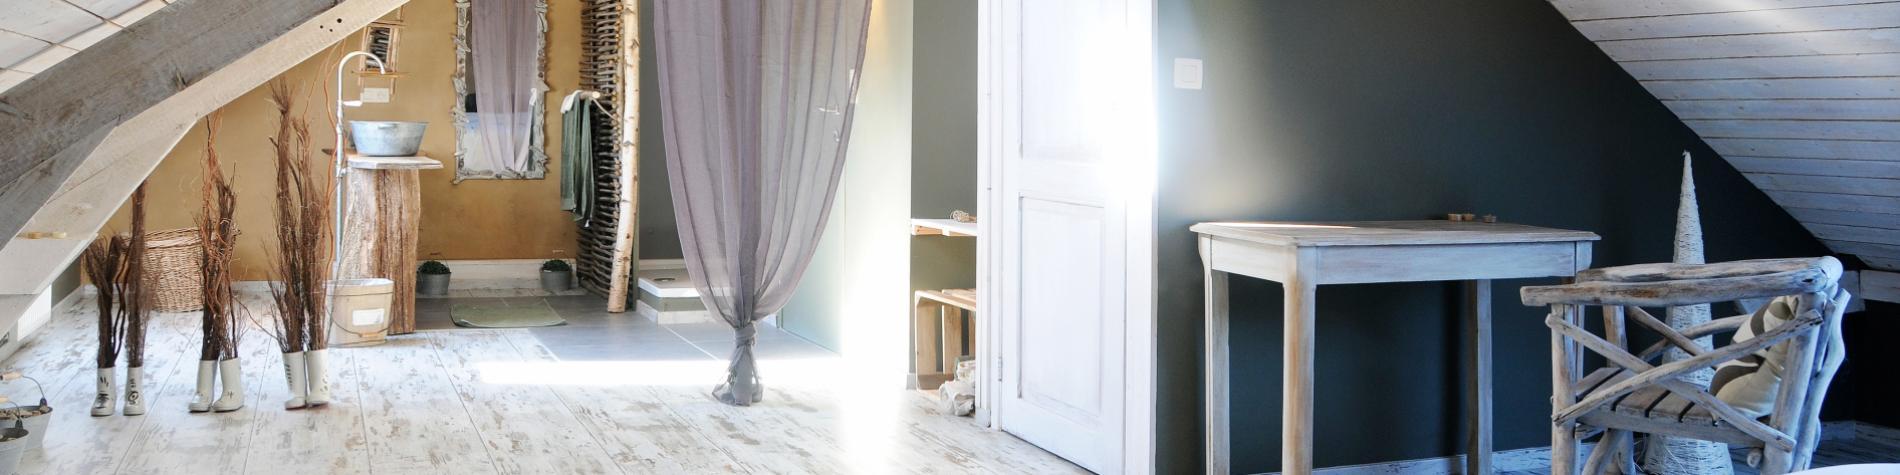 Maison d'hôtes - La Lisière - Durbuy